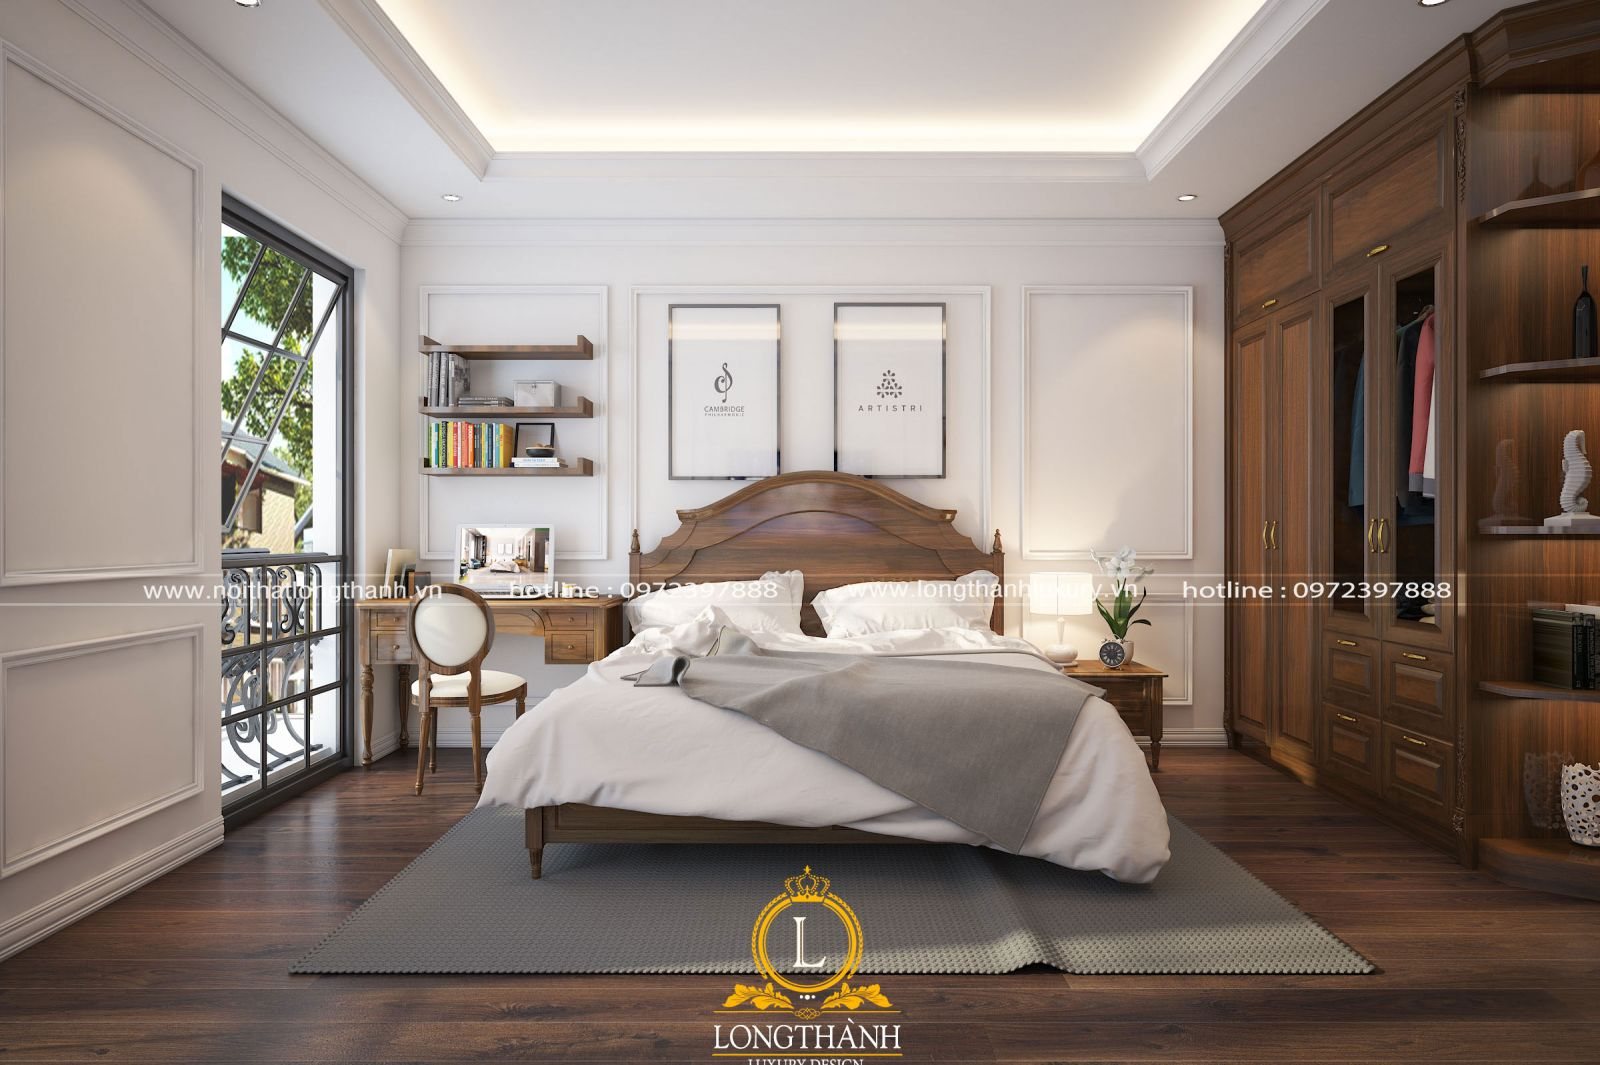 Phòng khách hiện đại được thiết kế đơn giản và tiện nghi